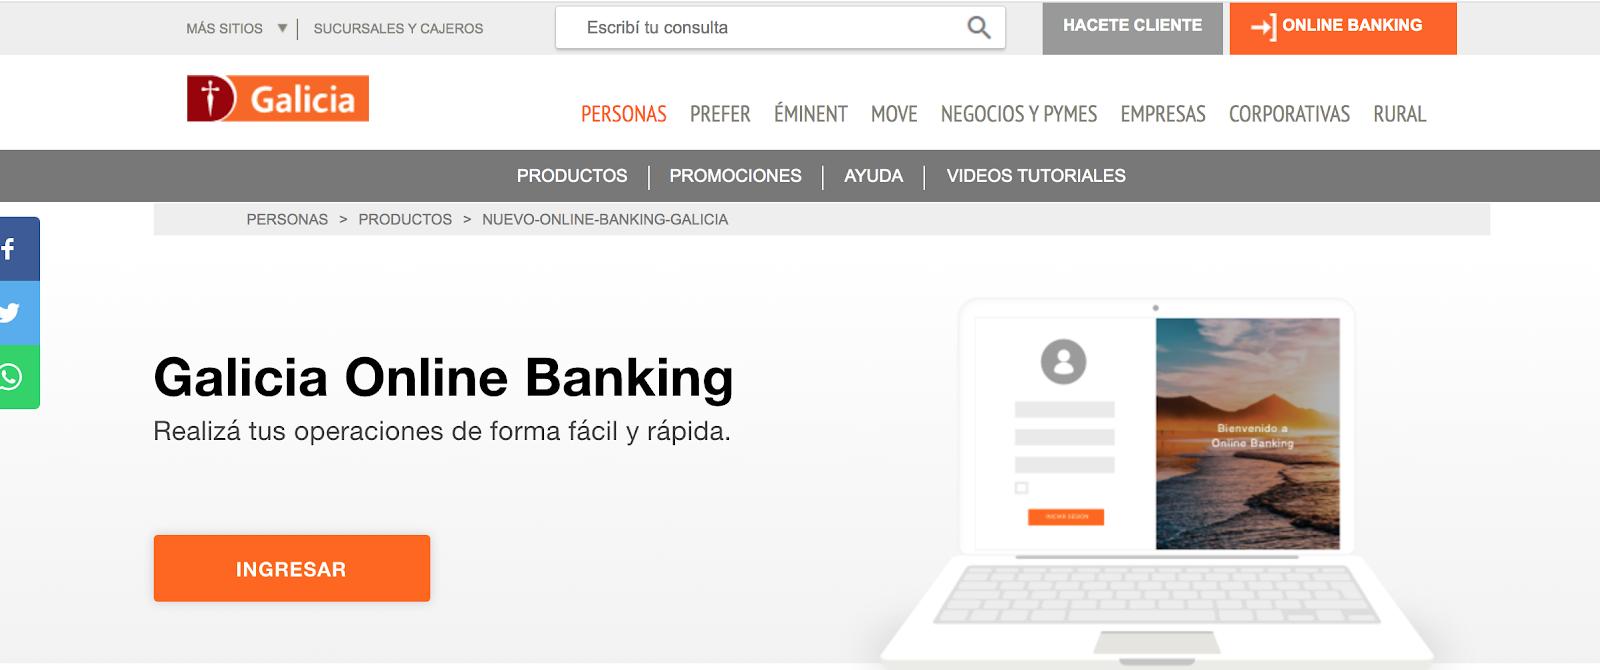 Cómo Obtener Un Crédito Hipotecario En El Banco Galicia En Línea